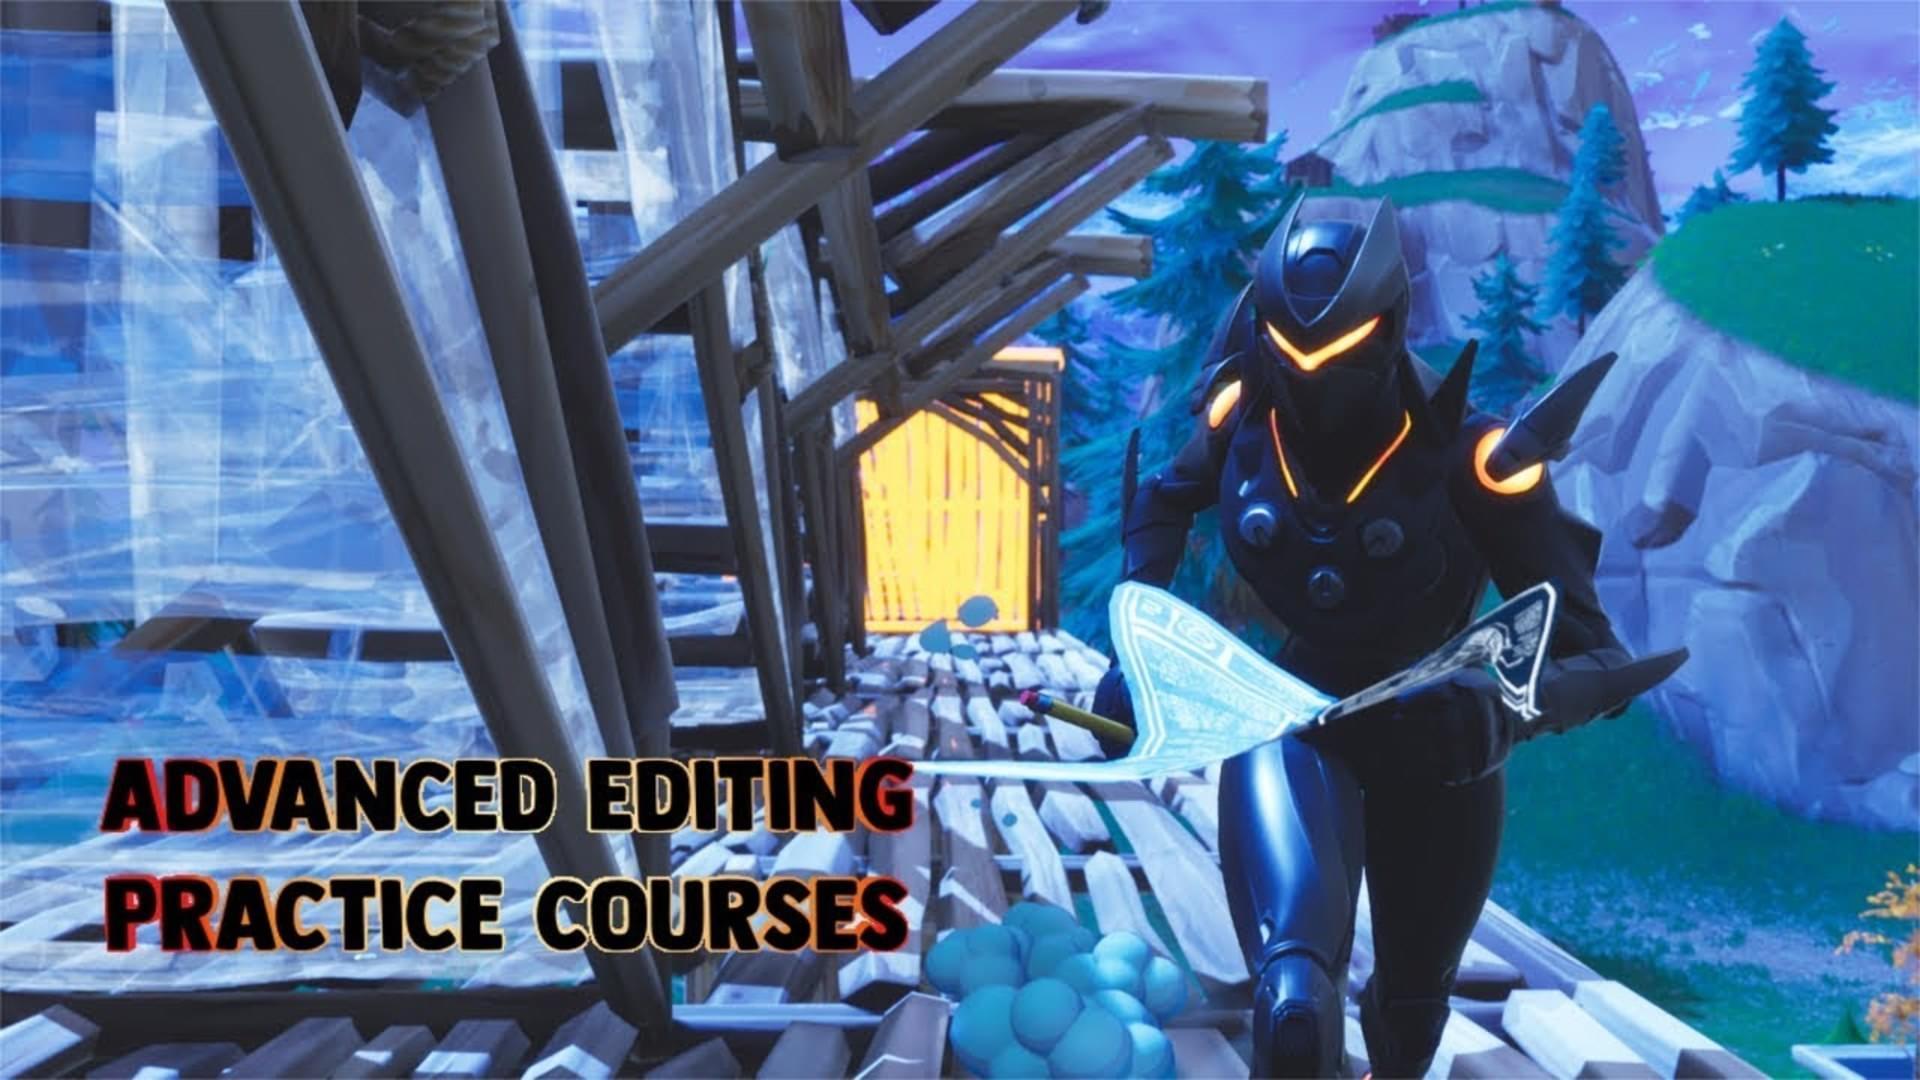 1v1 Edit Course Fortnite